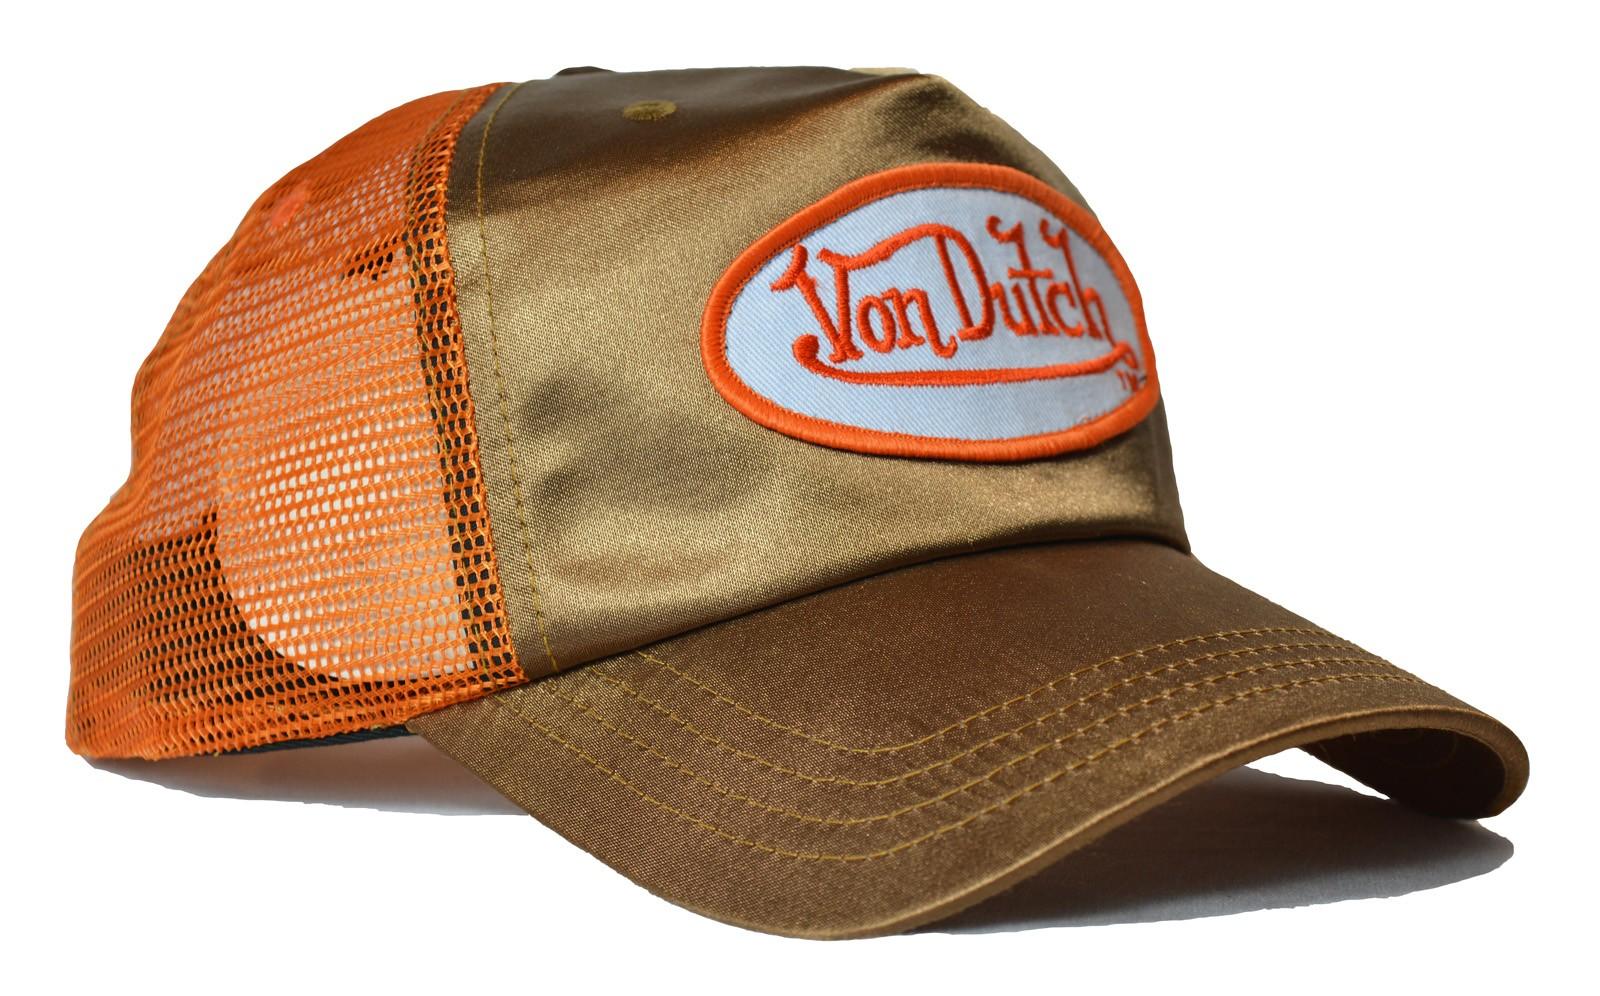 Von Dutch - Metallic Gold/Orange Trucker Cap